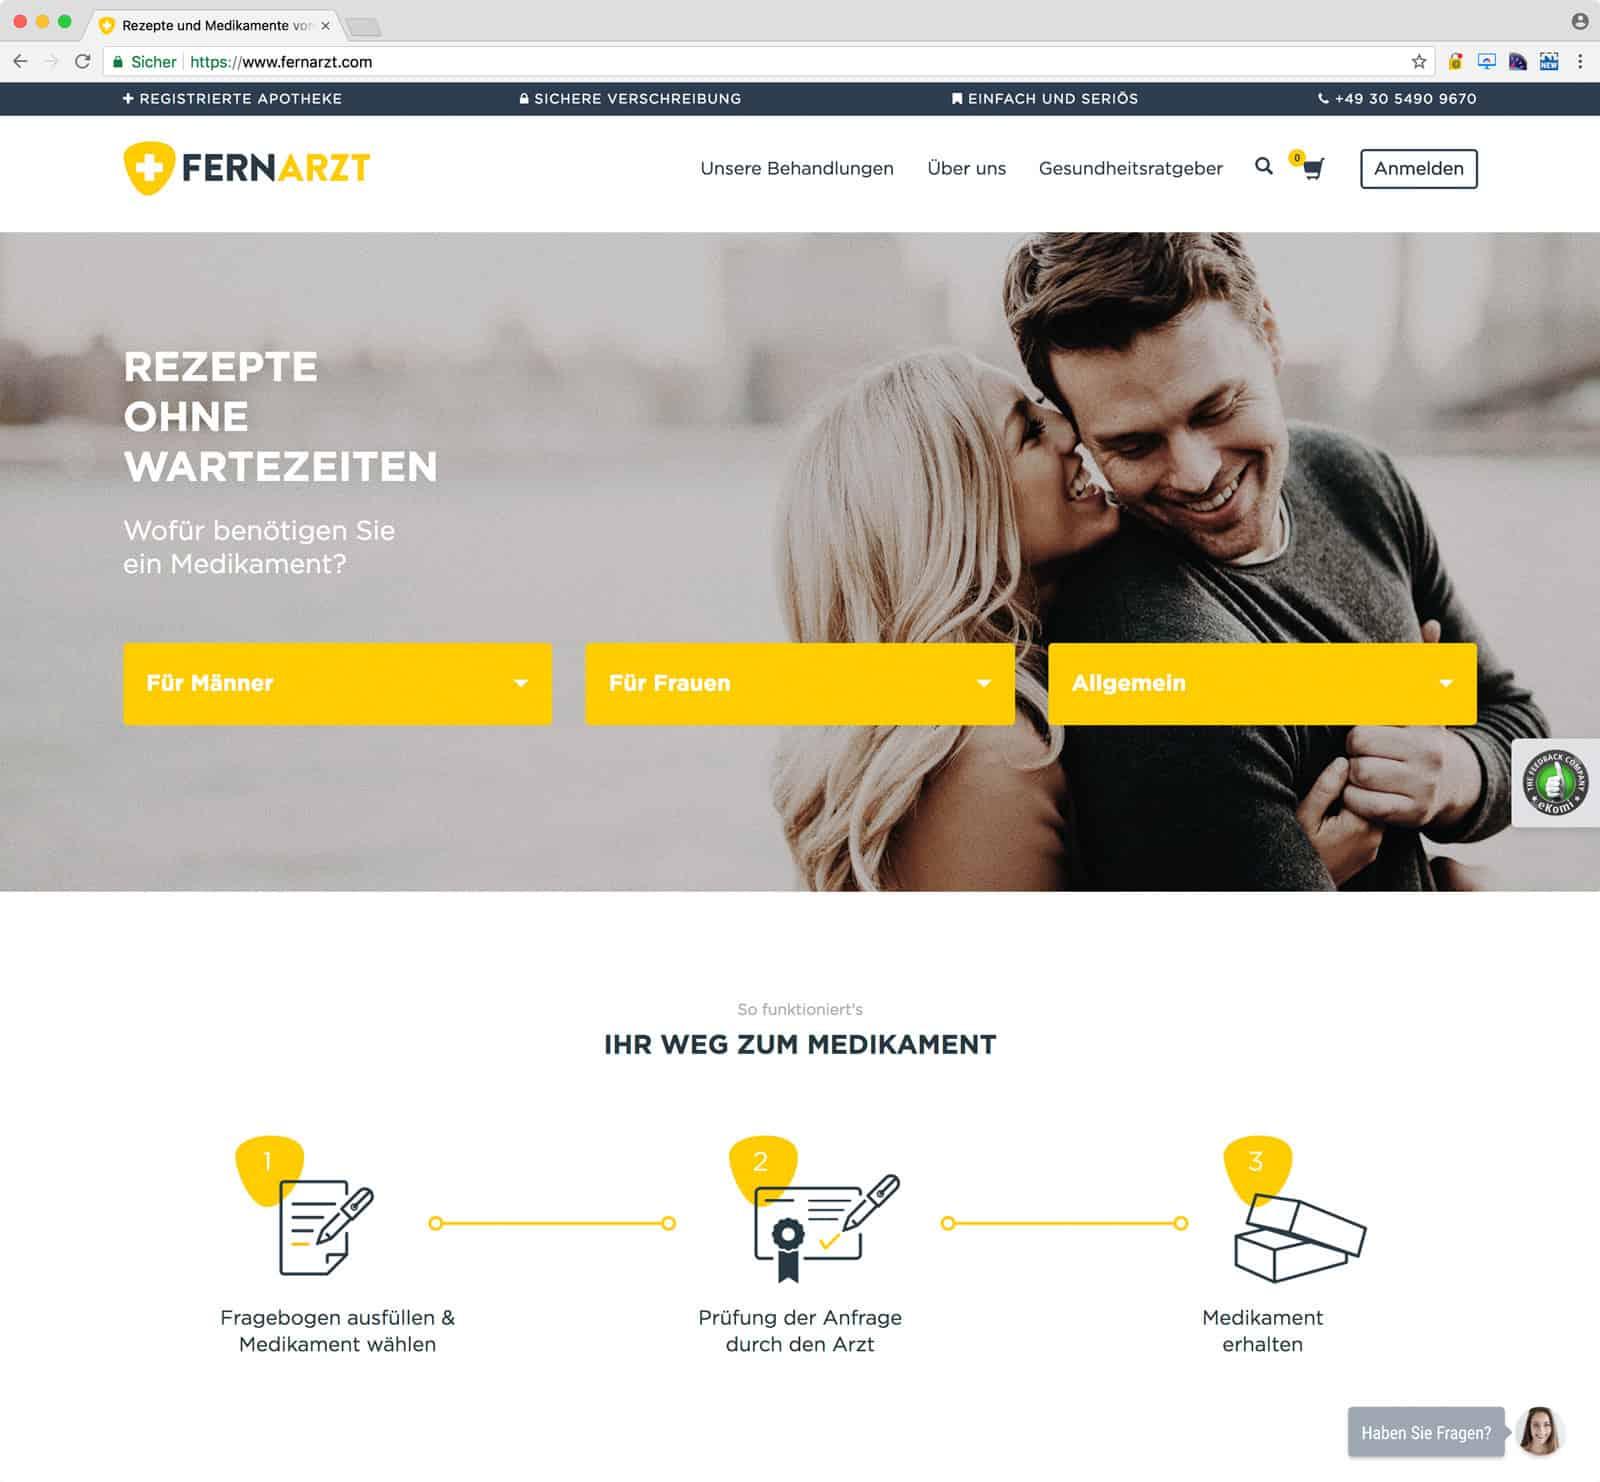 WooCommerce Online Shop - Advanced WooCommerce System für Hitfox - Fernarzt 13